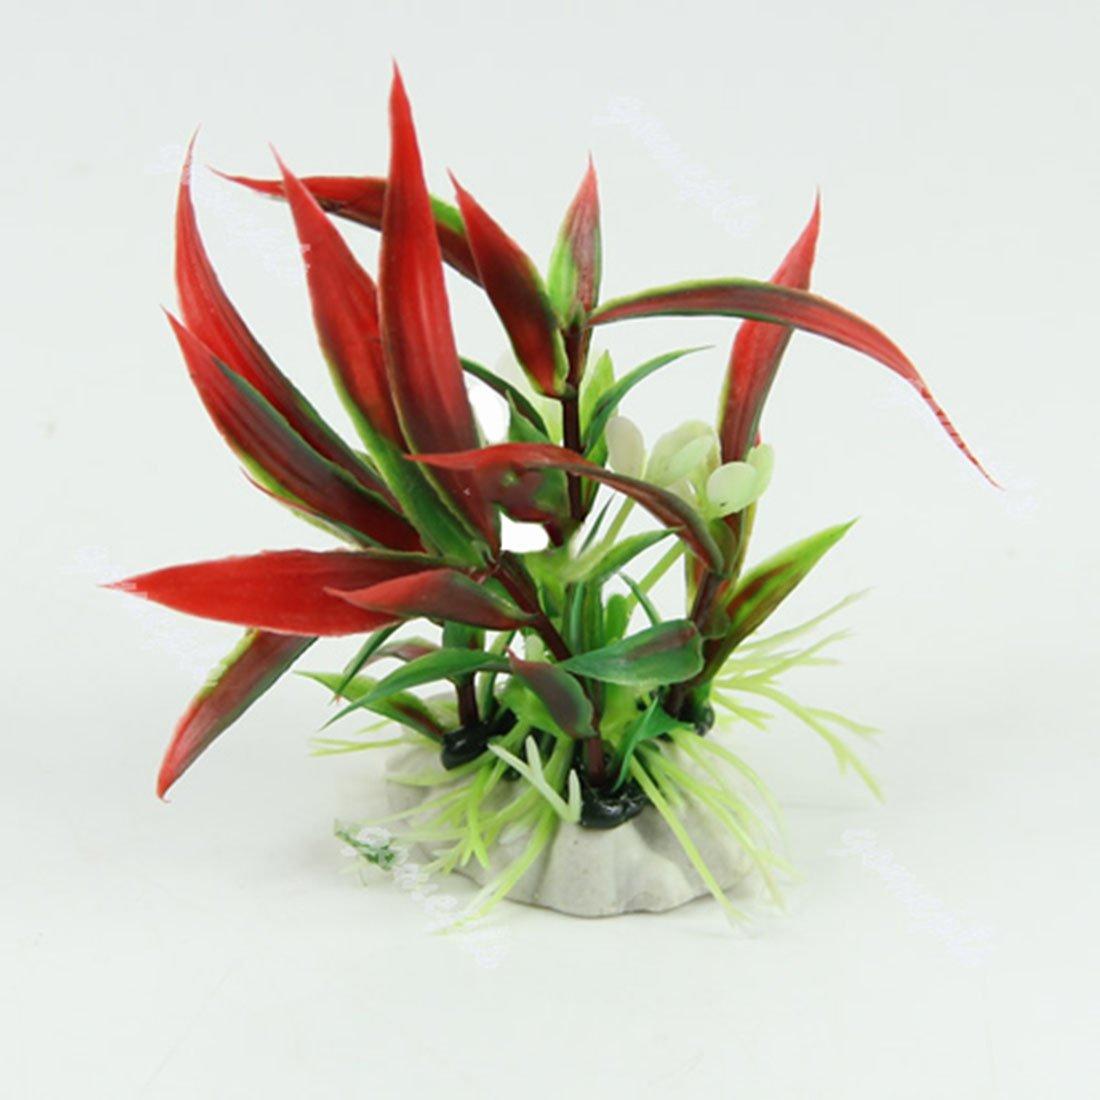 Plantes artificielles en plastique pour Aquarium Fiah Tank ornements décoration